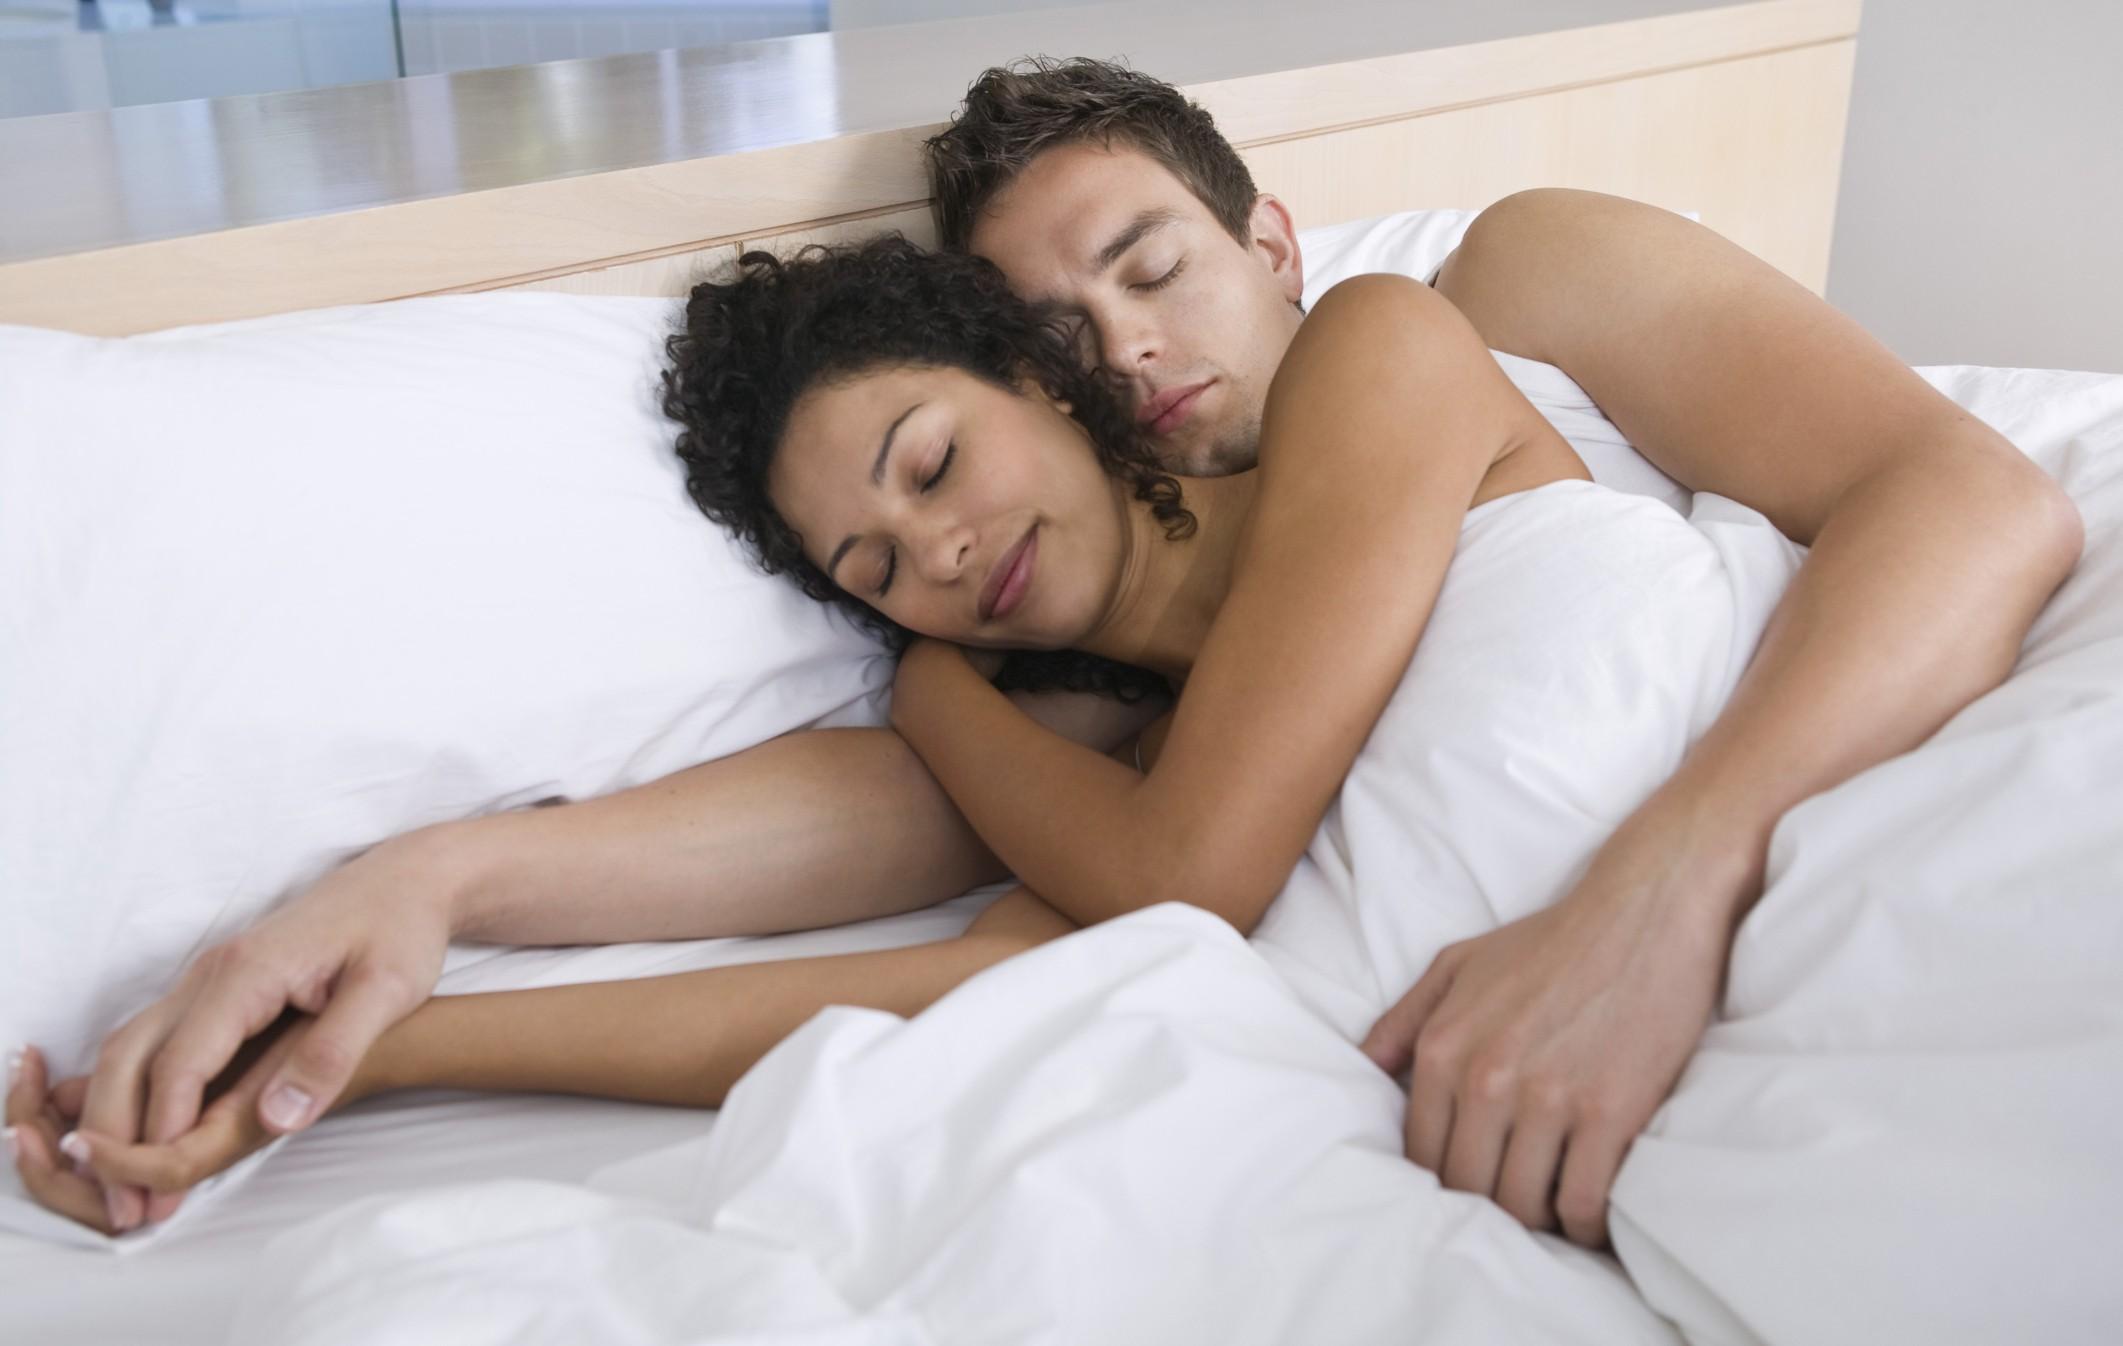 Ученые назвали 5 обстоятельств, почему ежедневный интим важен для здоровья